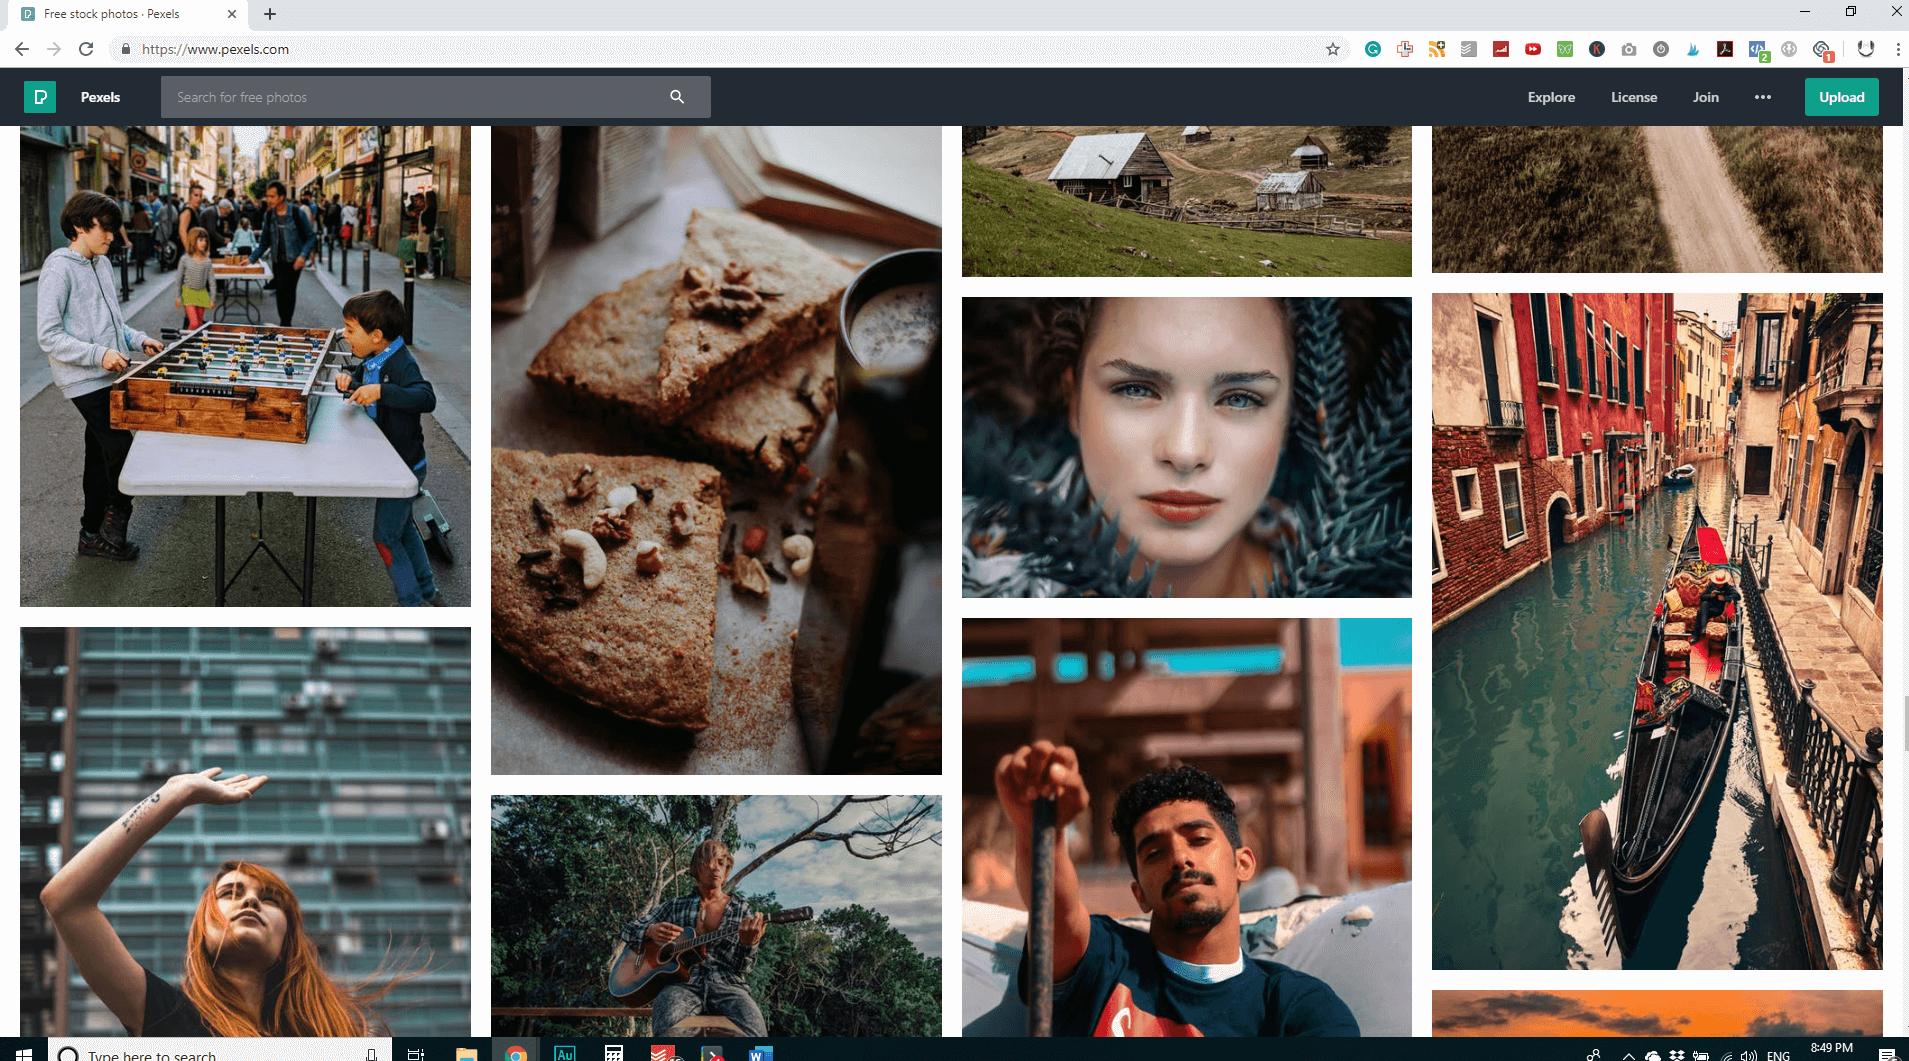 pexels-homepage.png